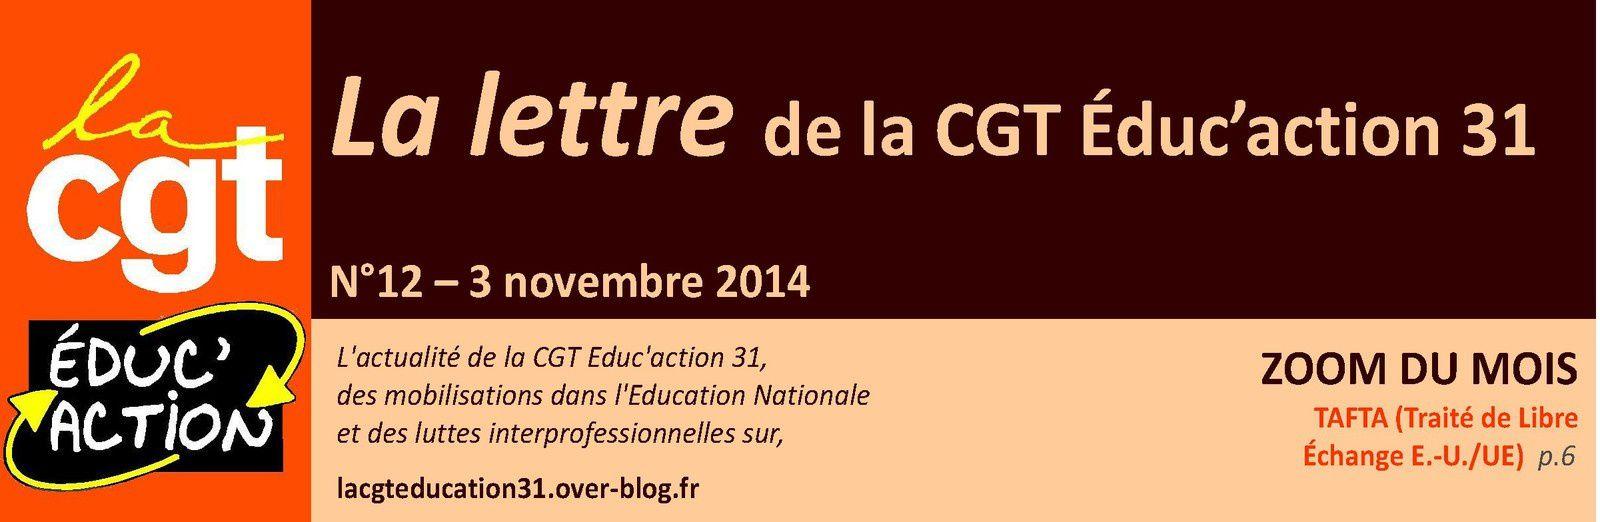 Lettre de la CGT Educ'action n°12, parue !